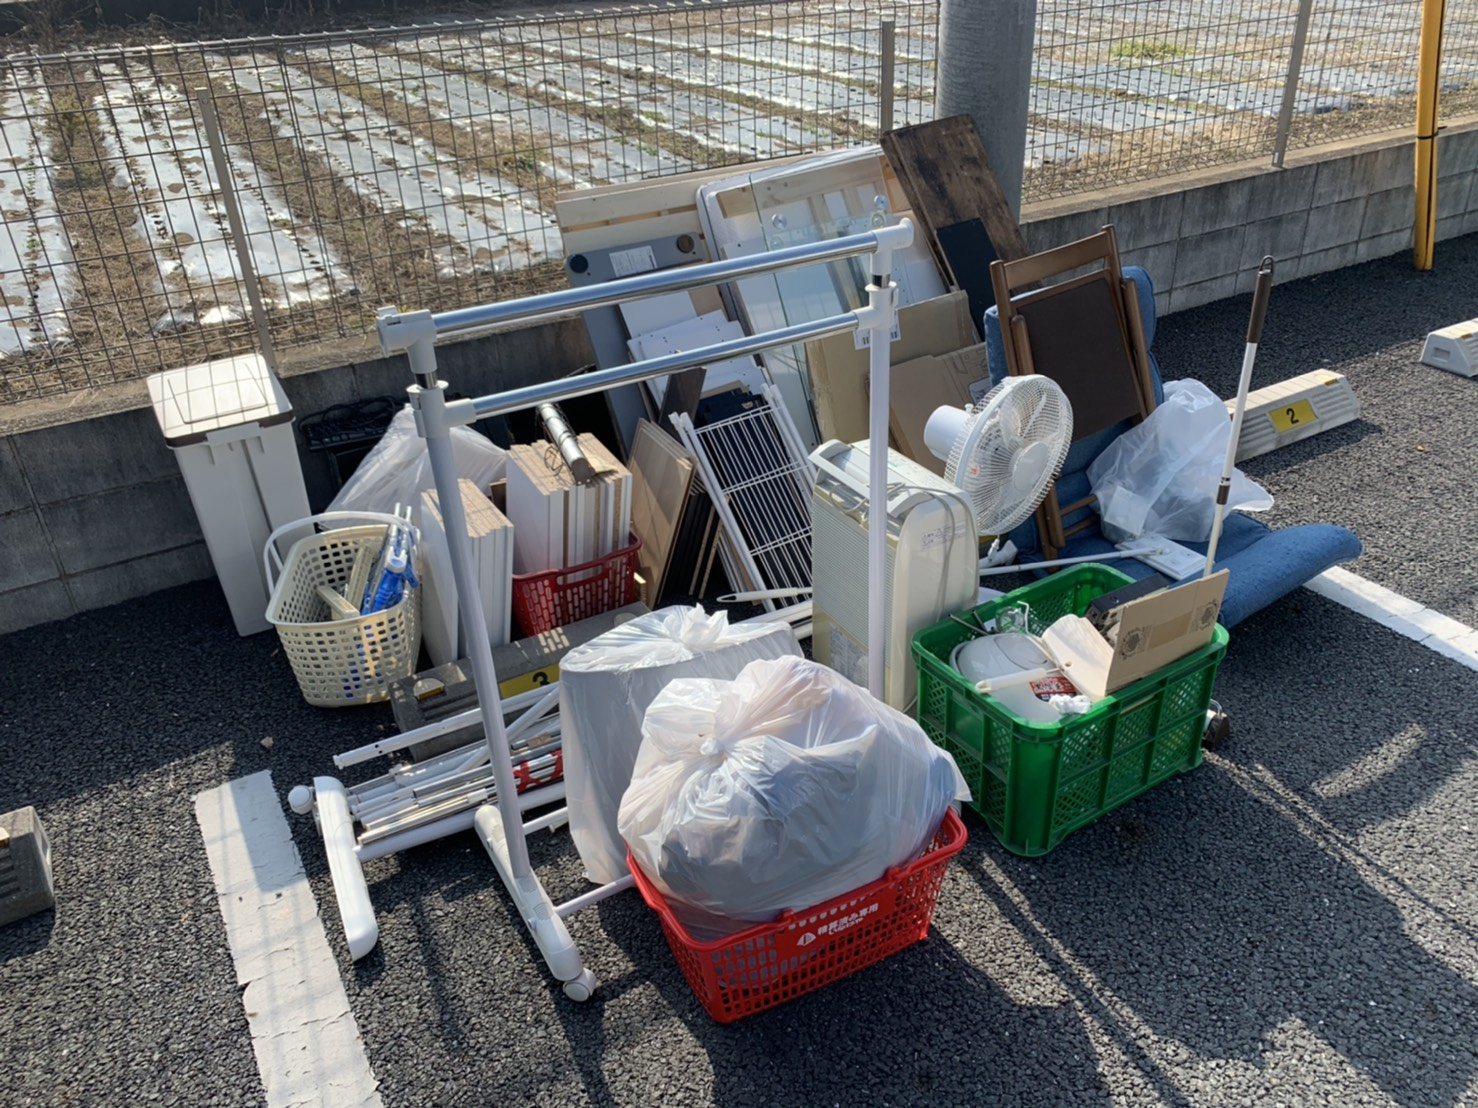 物干しスタンド、空気清浄機、その他不用品の回収前